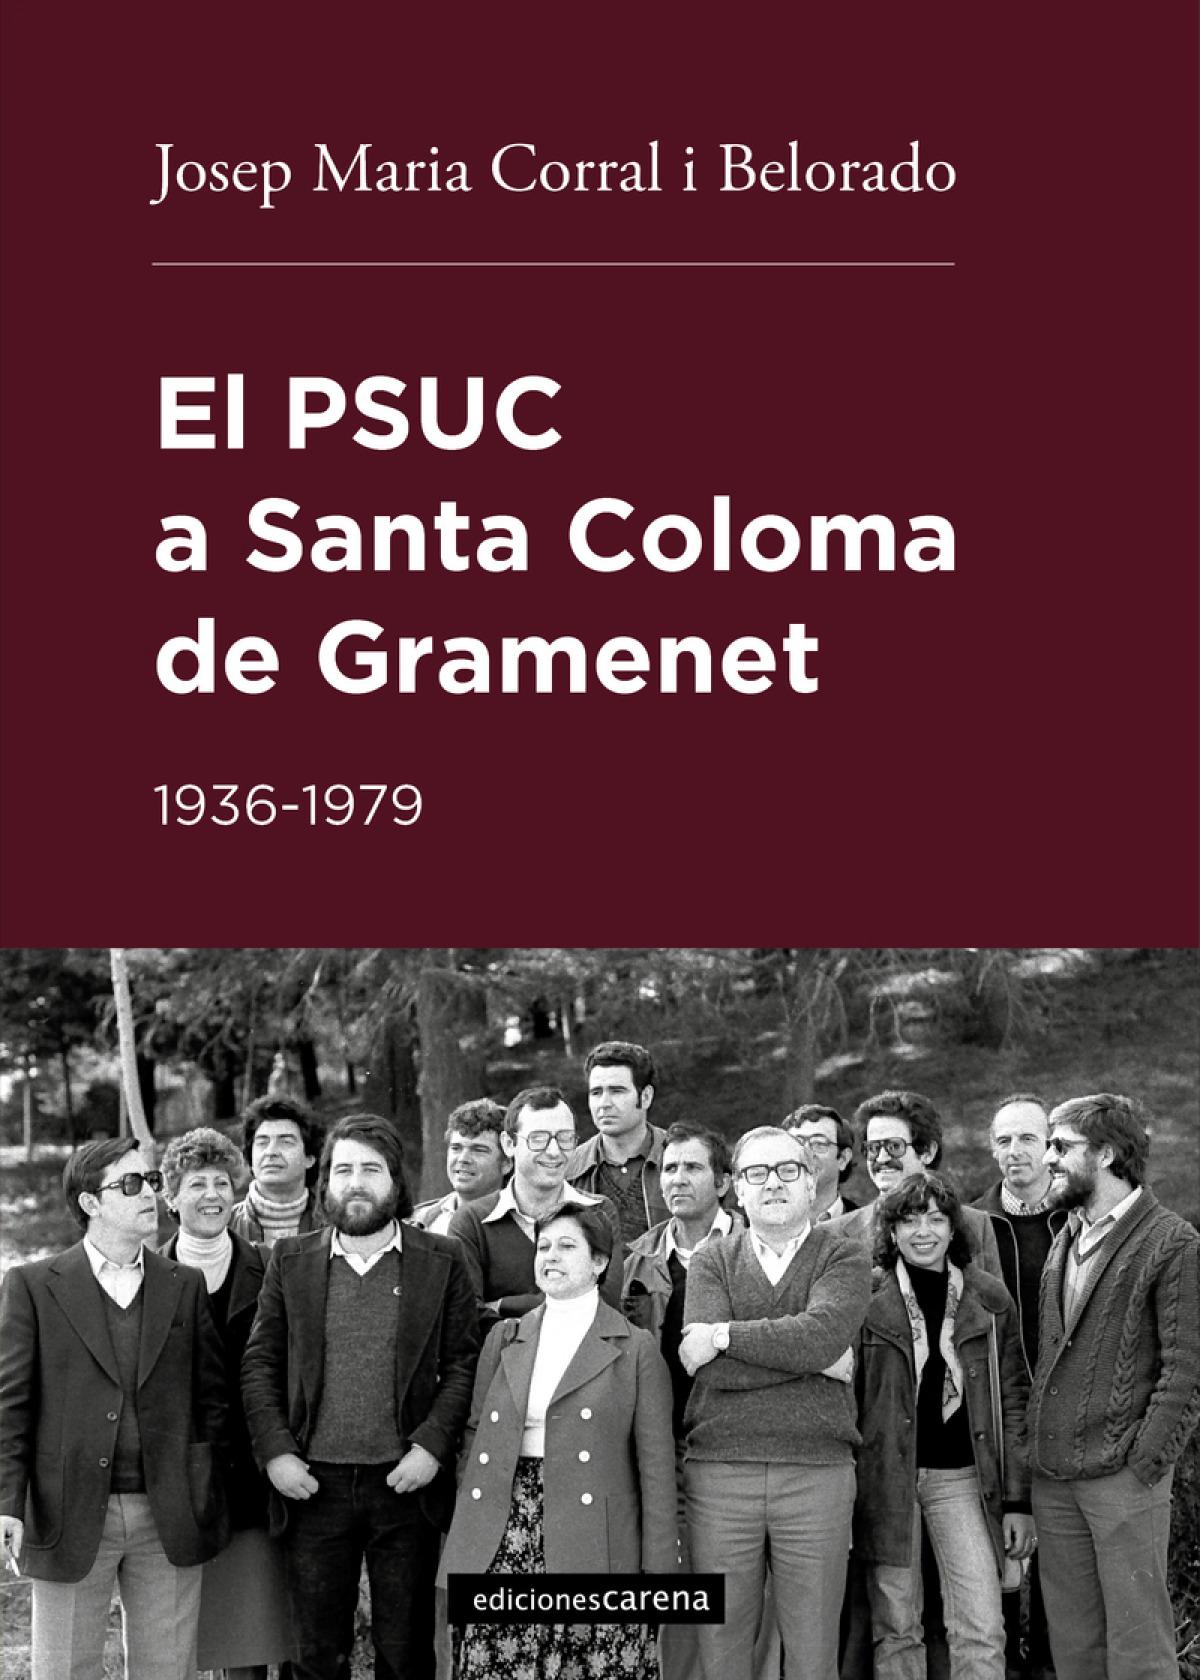 El PSUC a Santa Coloma de Gramenet